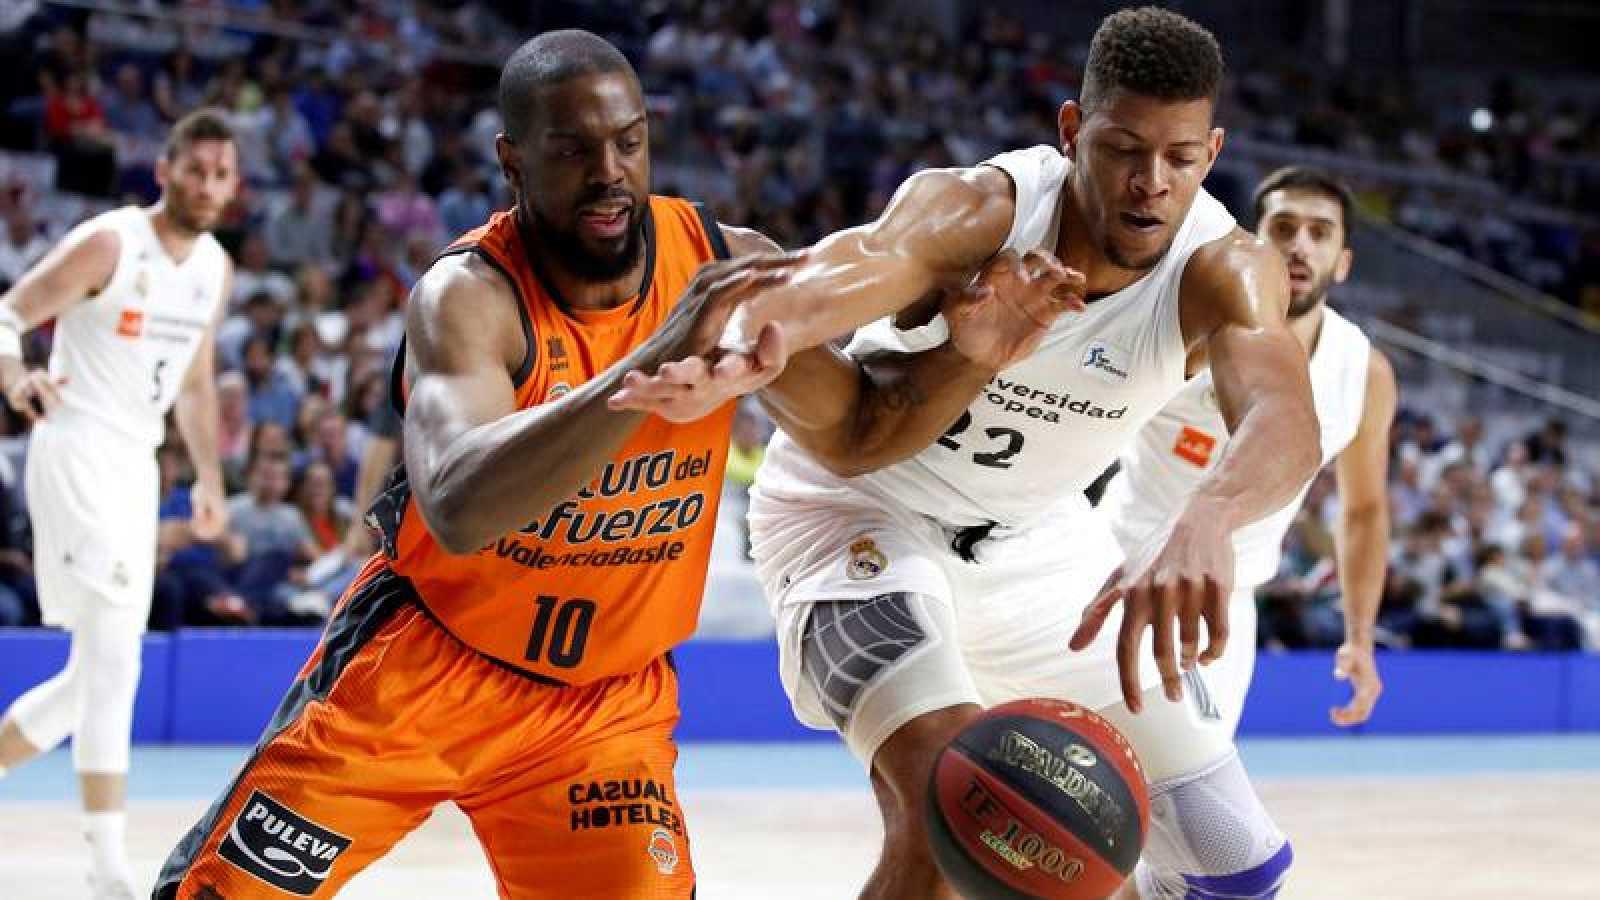 El Real Madrid vence a Valencia Basket por 83-77